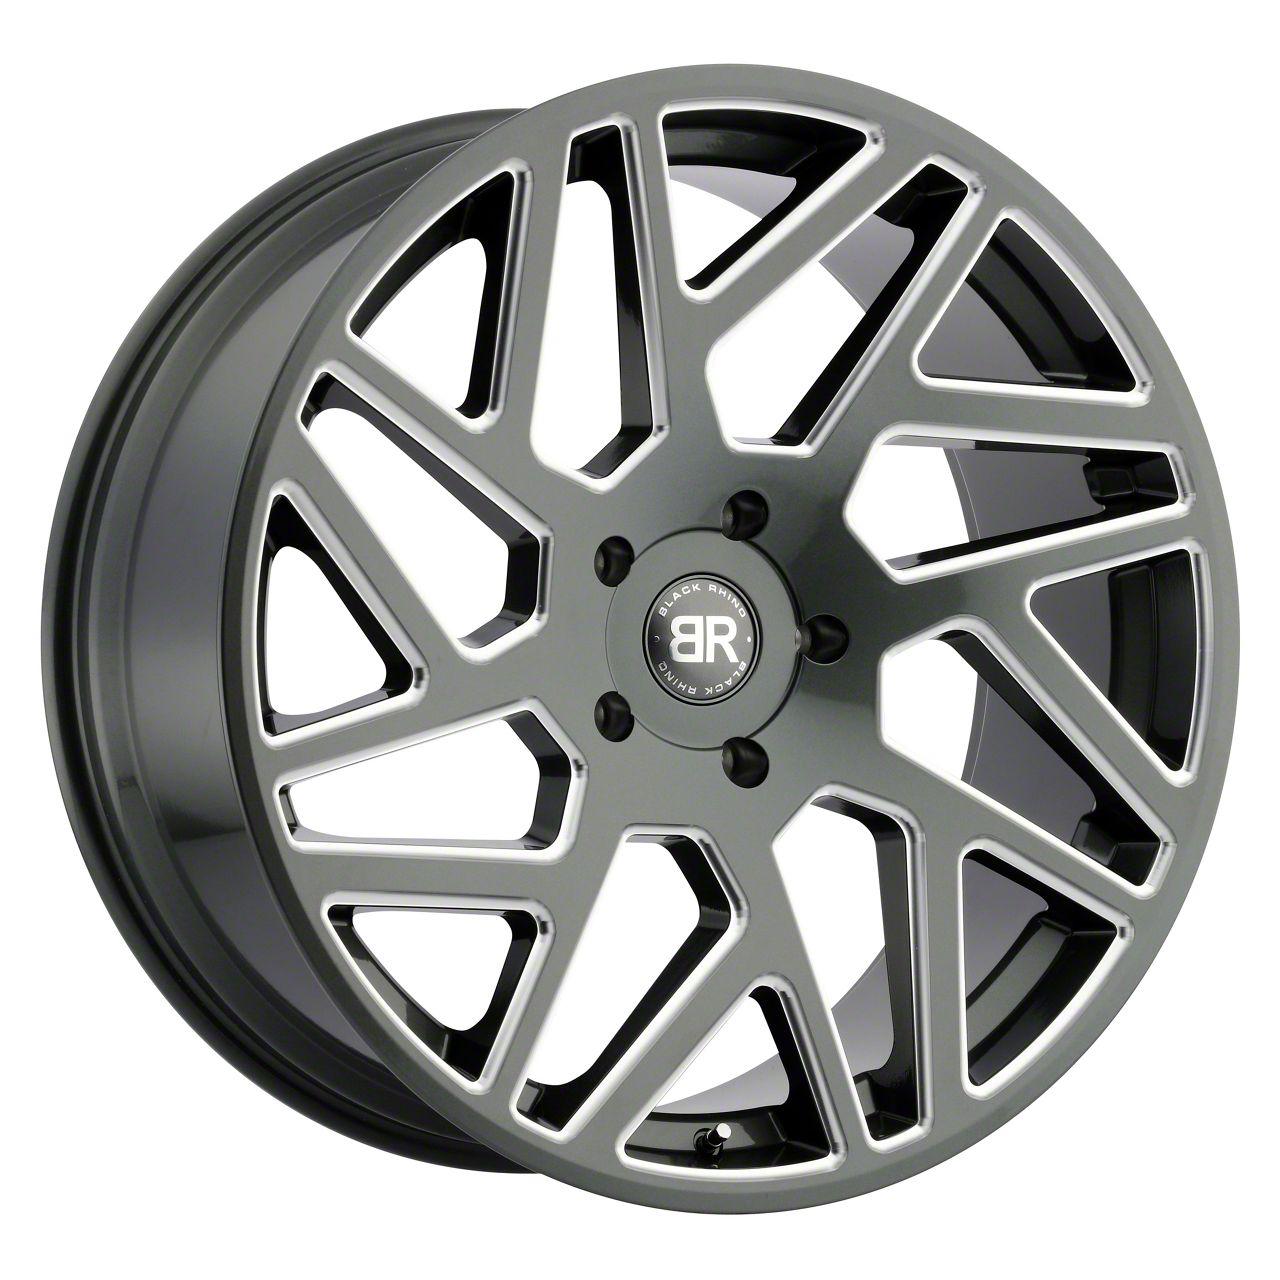 Black Rhino Cyclone Gloss Titanium Milled 6-Lug Wheel - 20x9 (99-19 Silverado 1500)